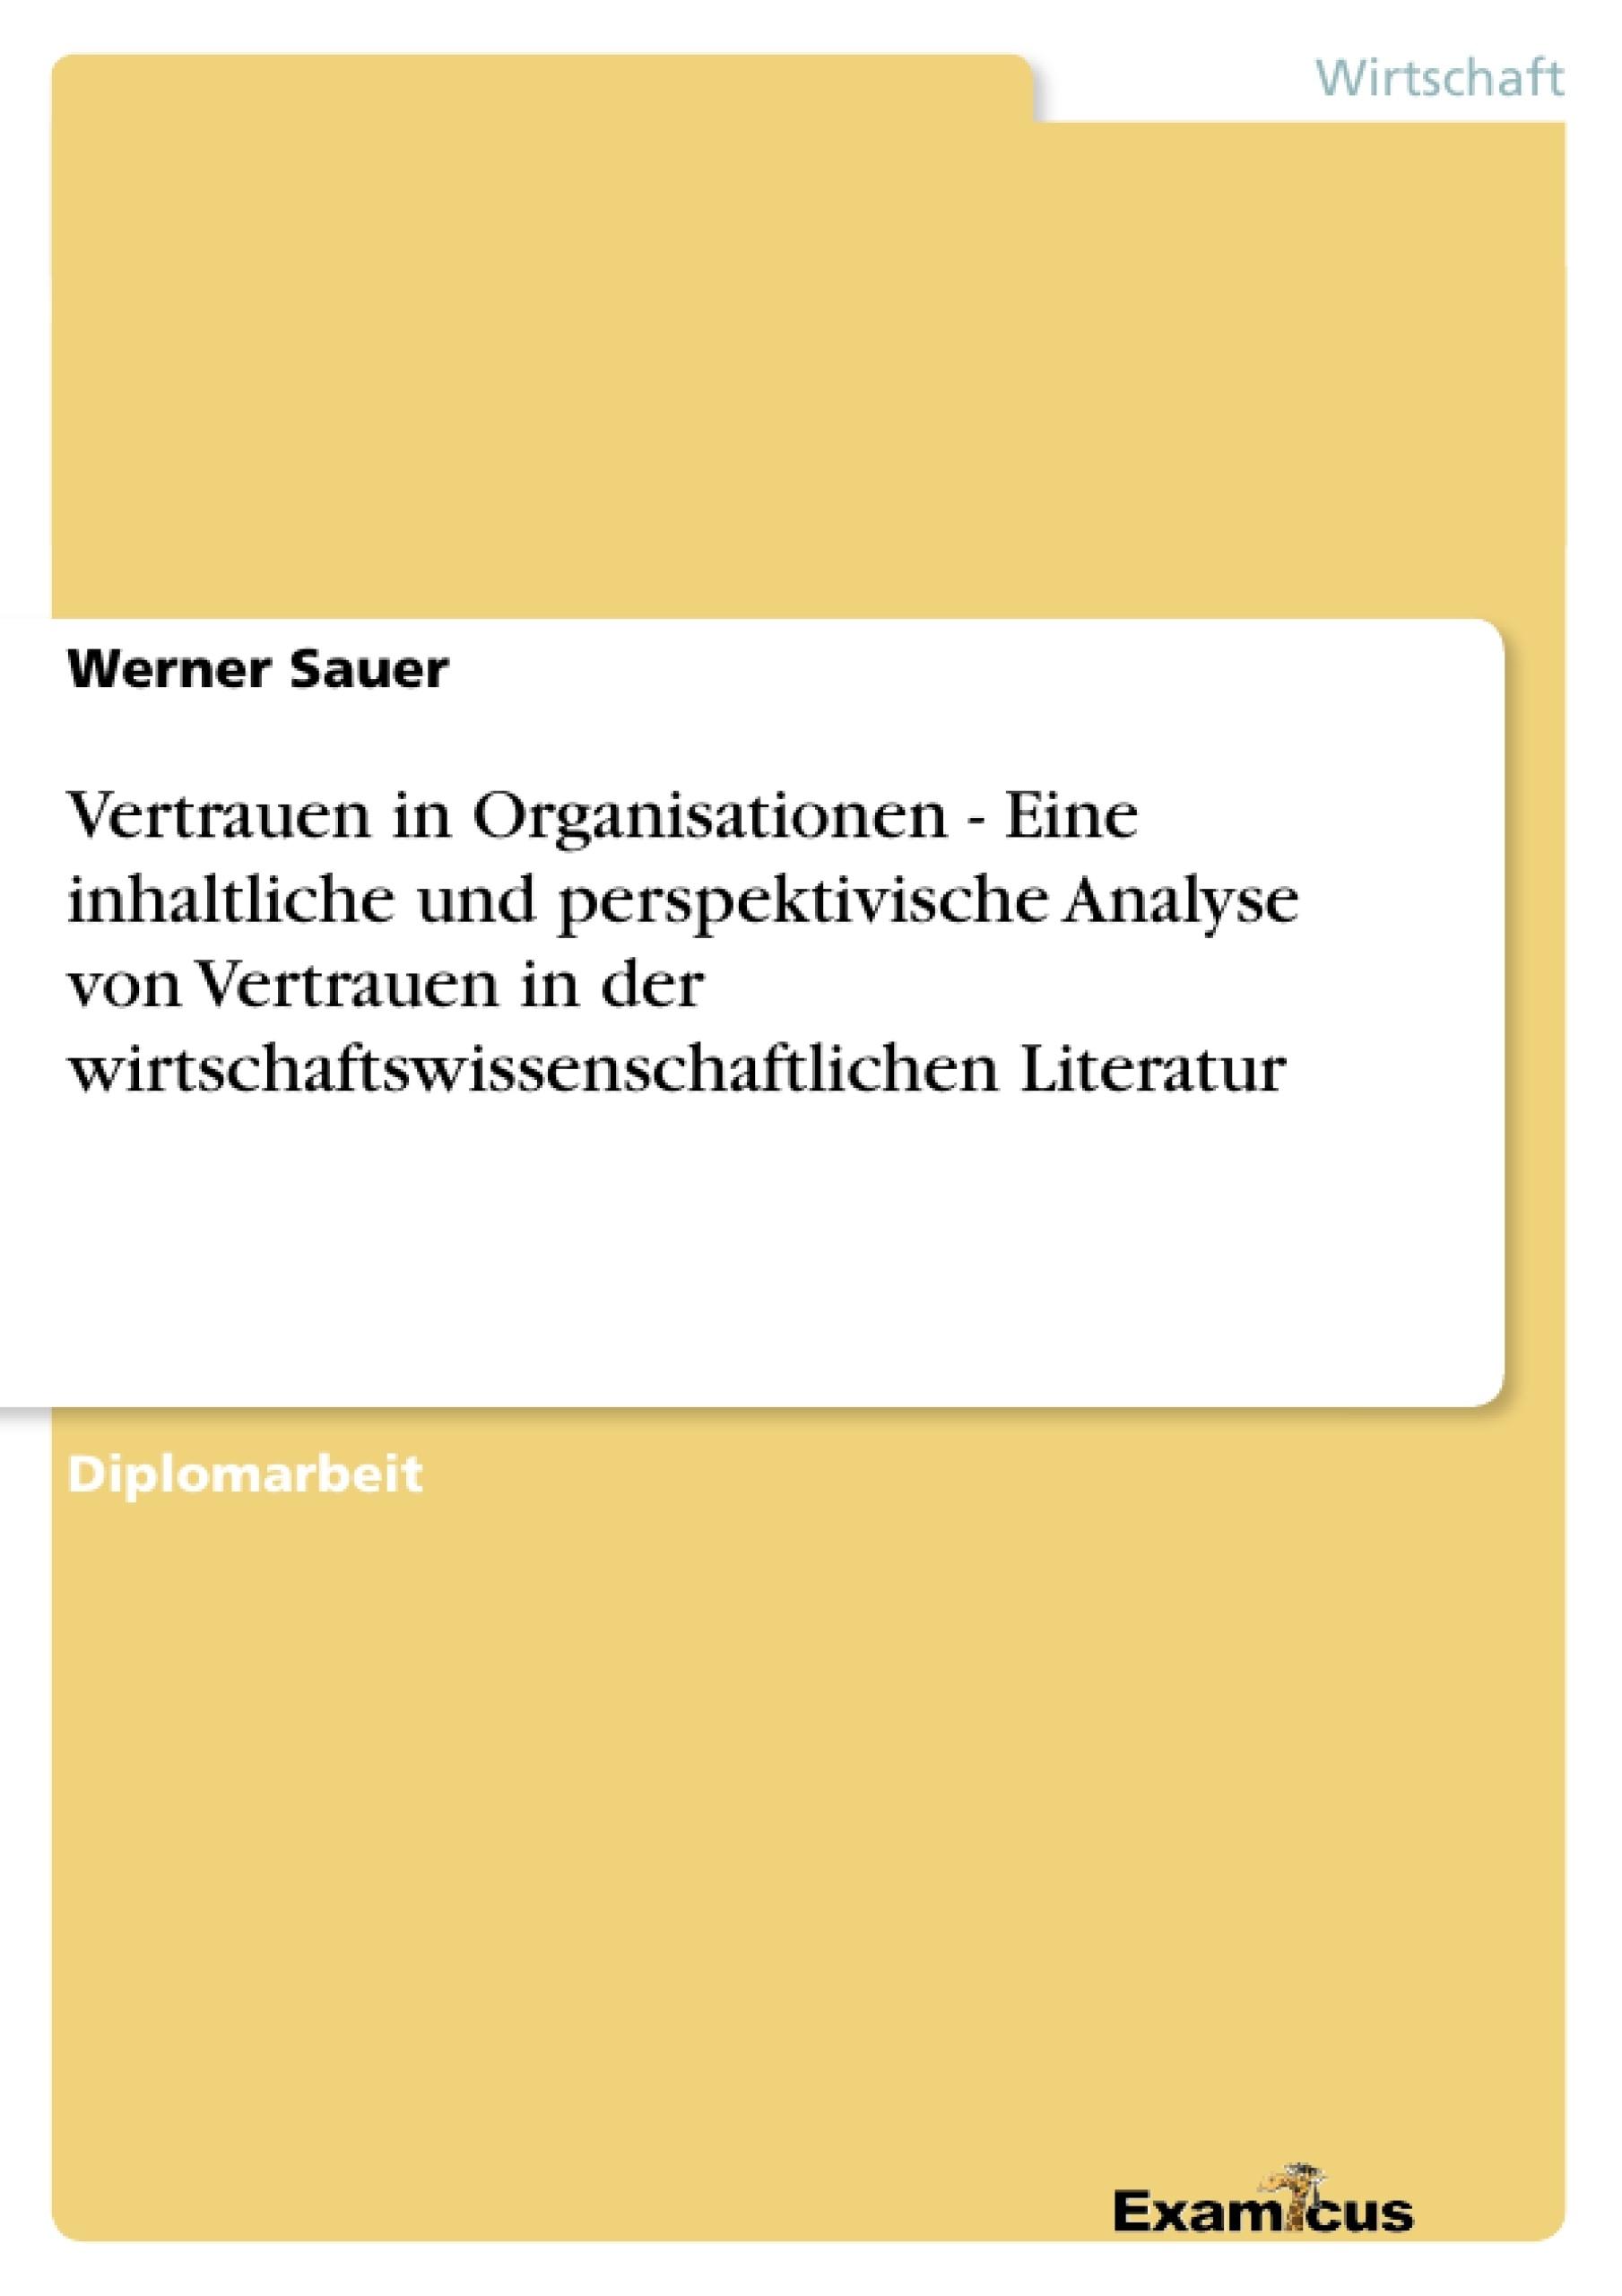 Titel: Vertrauen in Organisationen - Eine inhaltliche und perspektivische Analyse von Vertrauen in der wirtschaftswissenschaftlichen Literatur